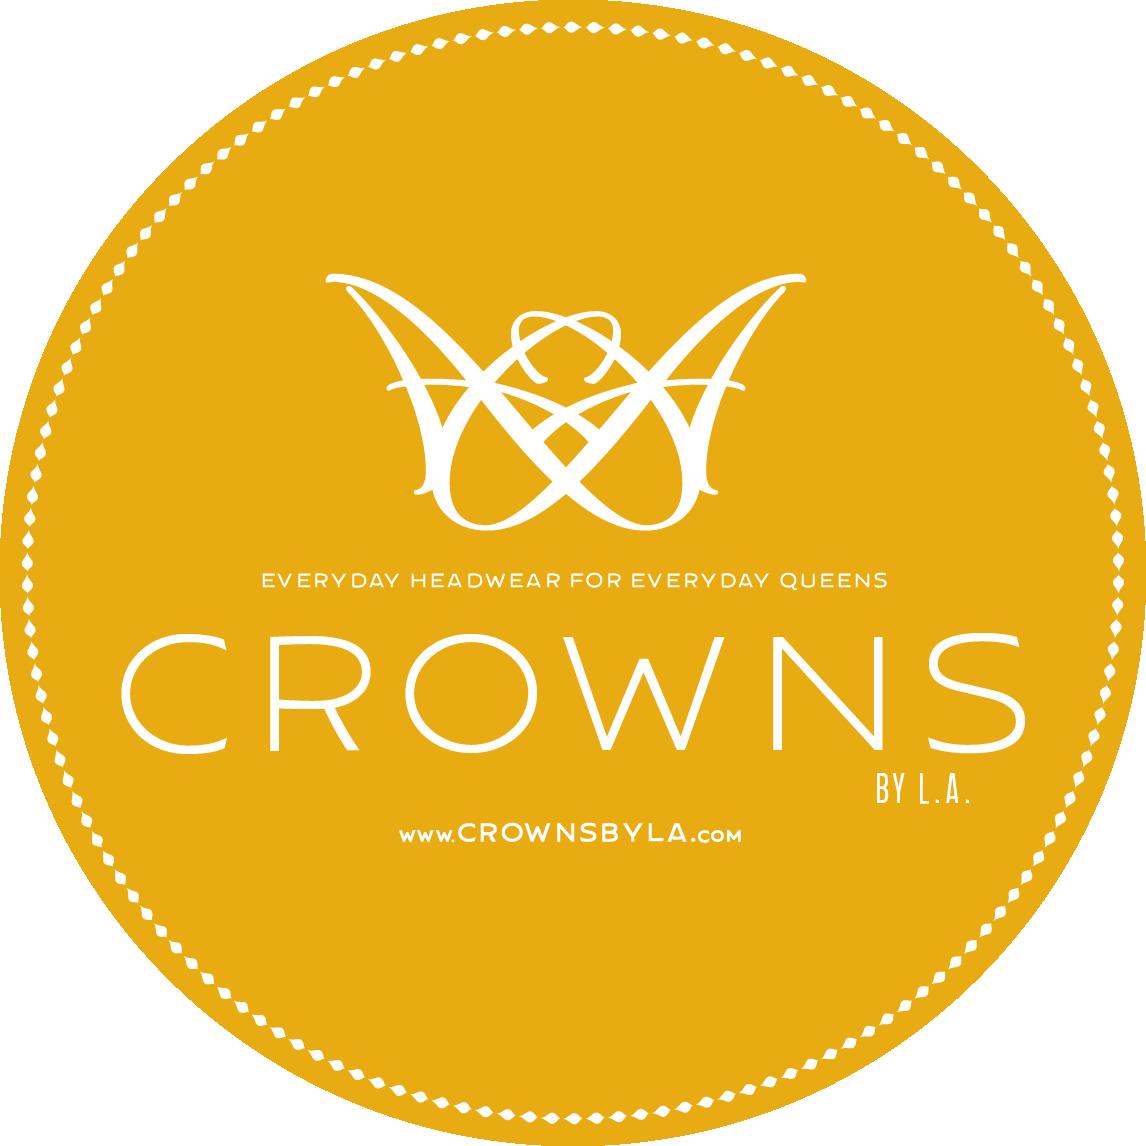 crownslogolabel.png